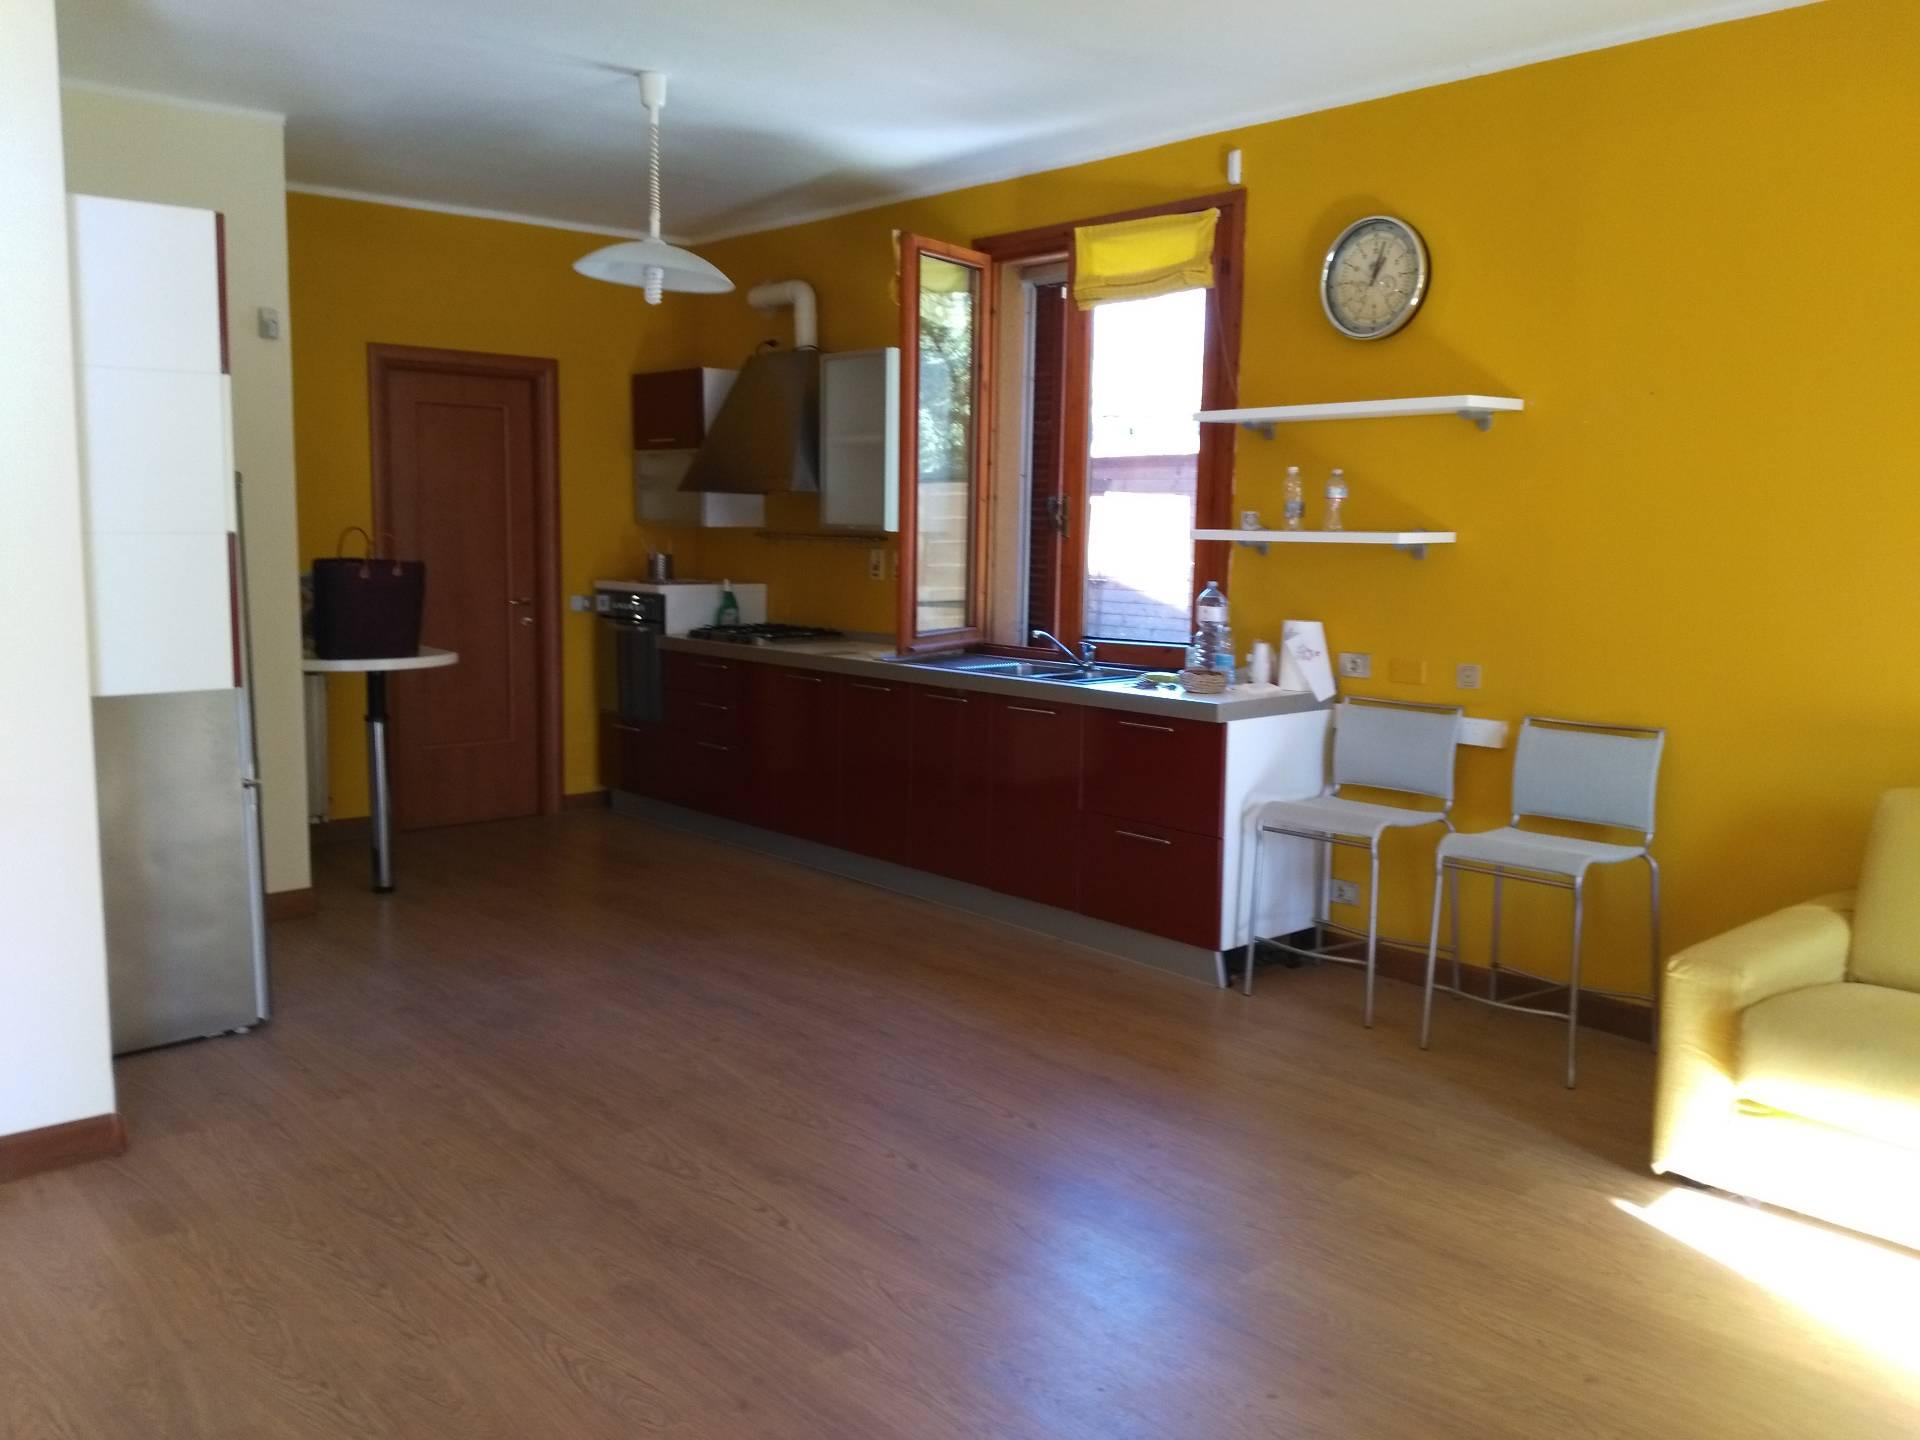 Villa a Schiera in vendita a Castelletto Monferrato, 7 locali, zona Località: Gerlotti, prezzo € 190.000 | CambioCasa.it